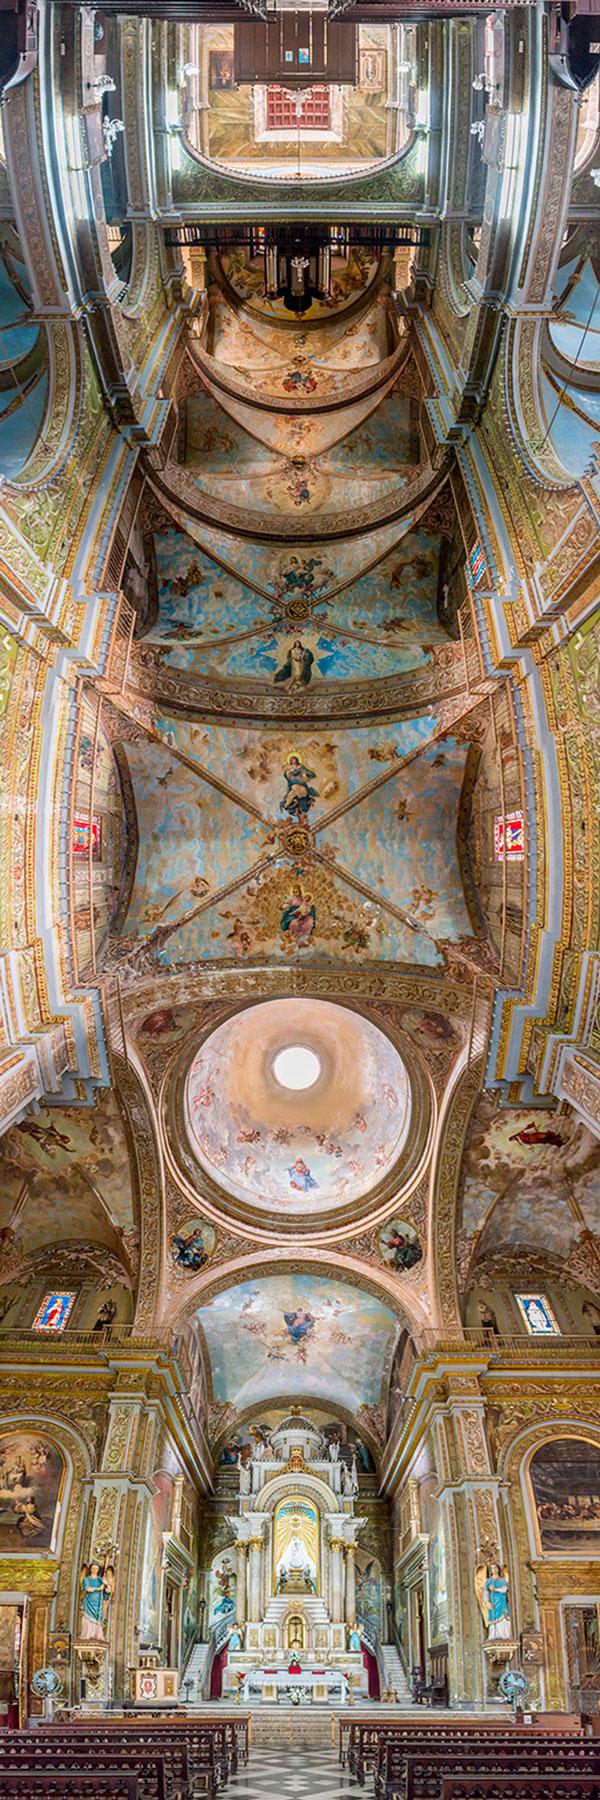 perierga.gr - Εκκλησίες φωτογραφίζονται σε κάθετο πανόραμα!